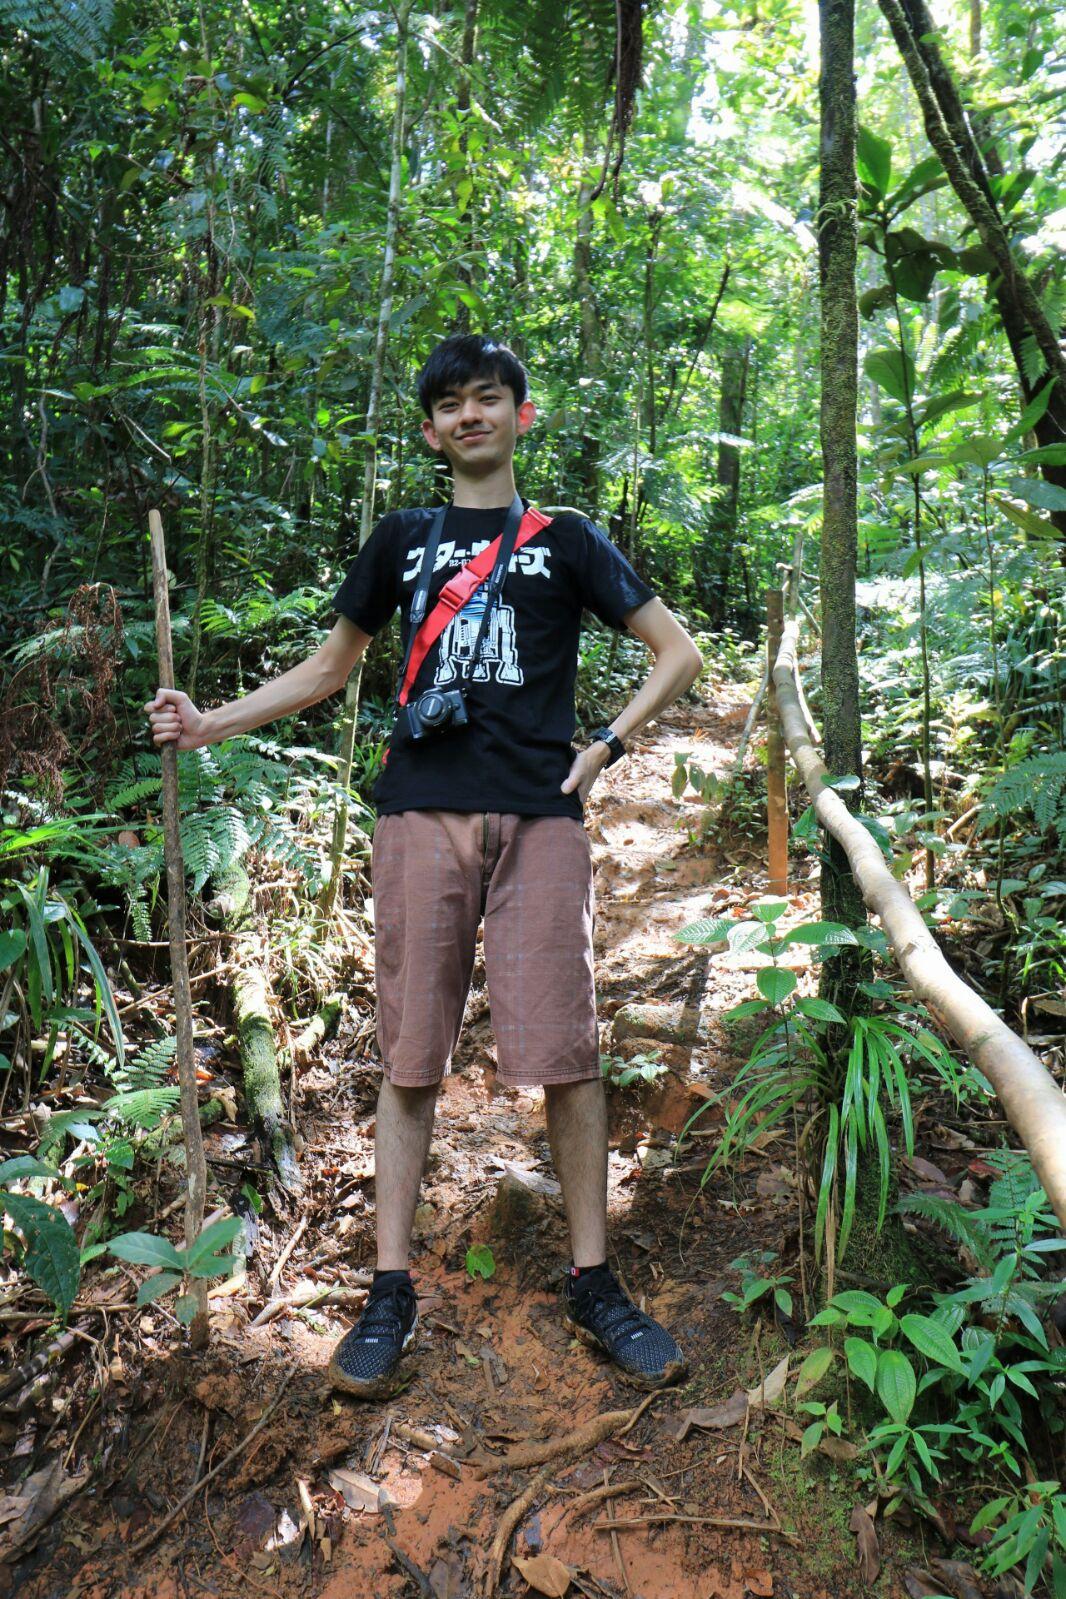 Teo Youliang Hakim